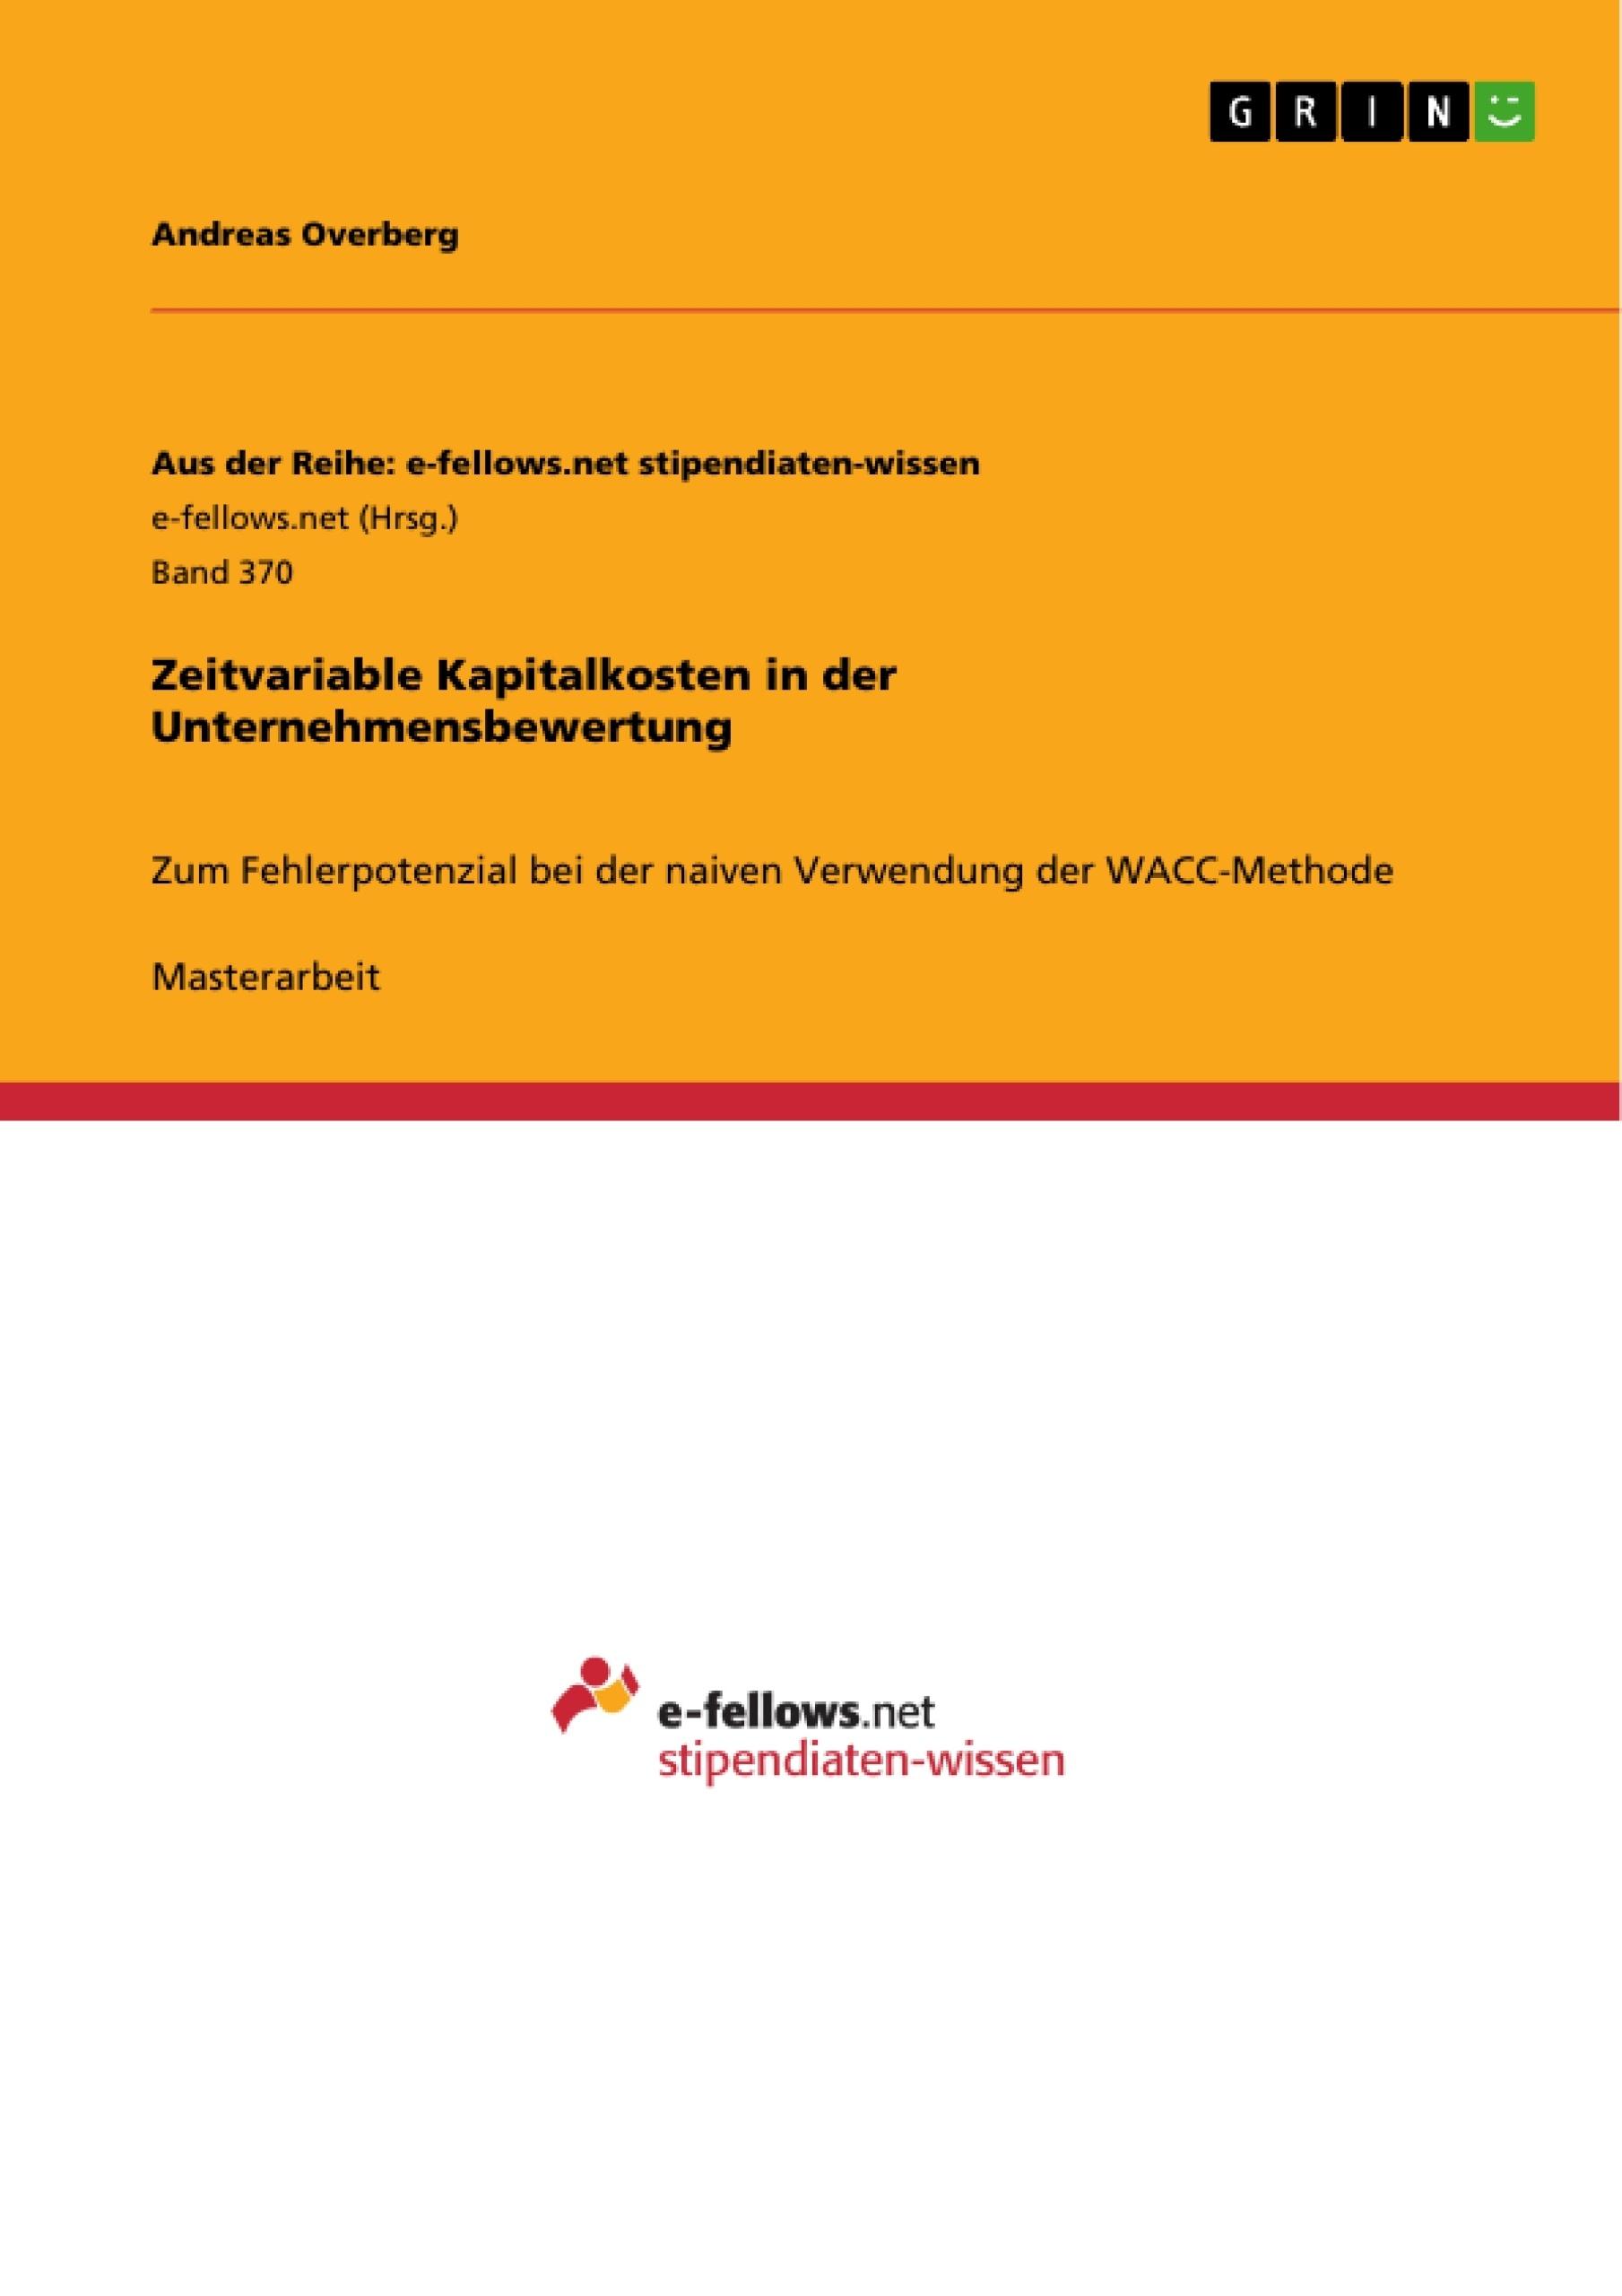 Titel: Zeitvariable Kapitalkosten in der Unternehmensbewertung